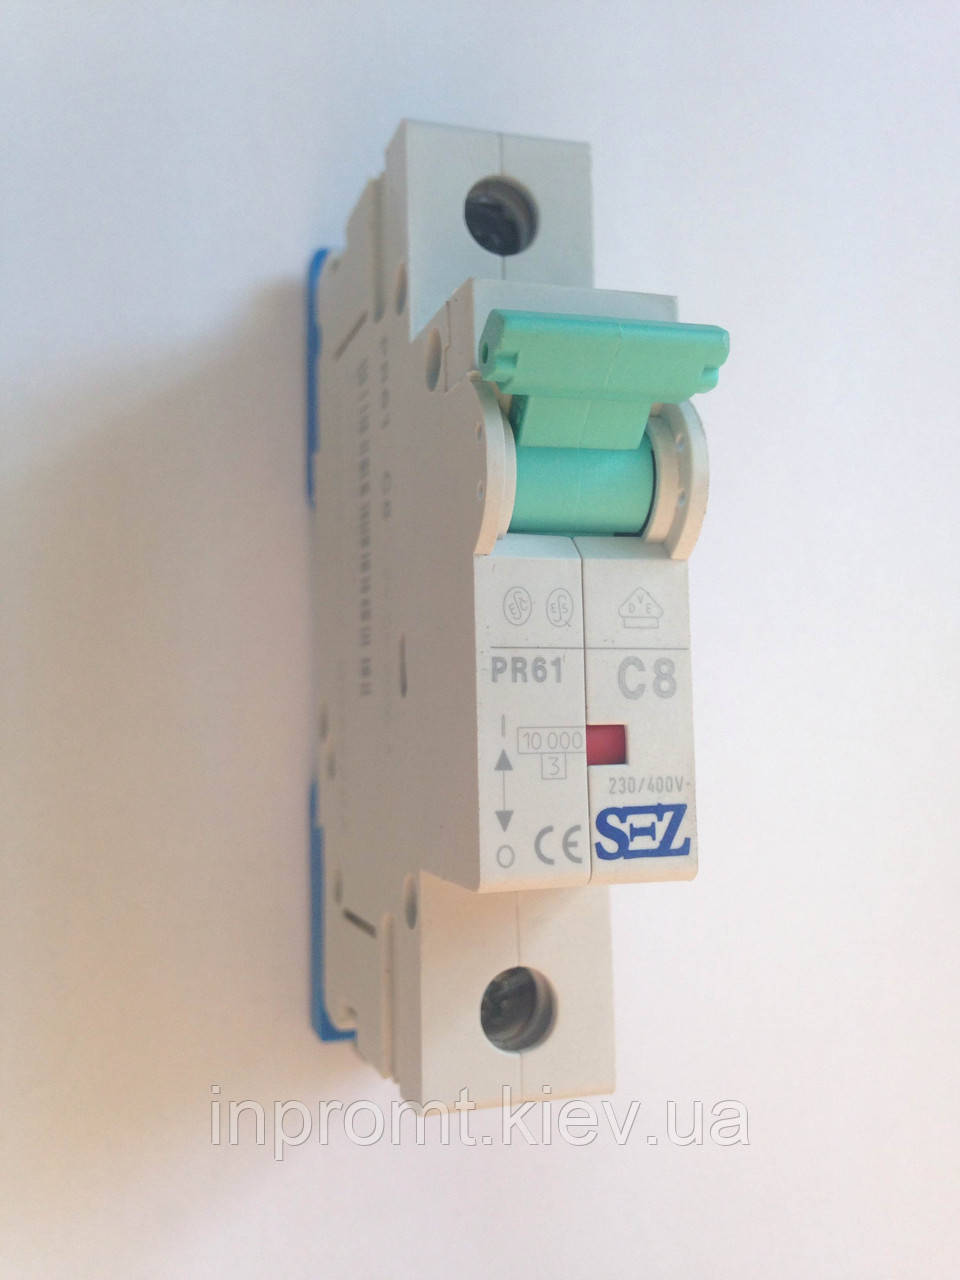 Автоматический выключатель PR61С8